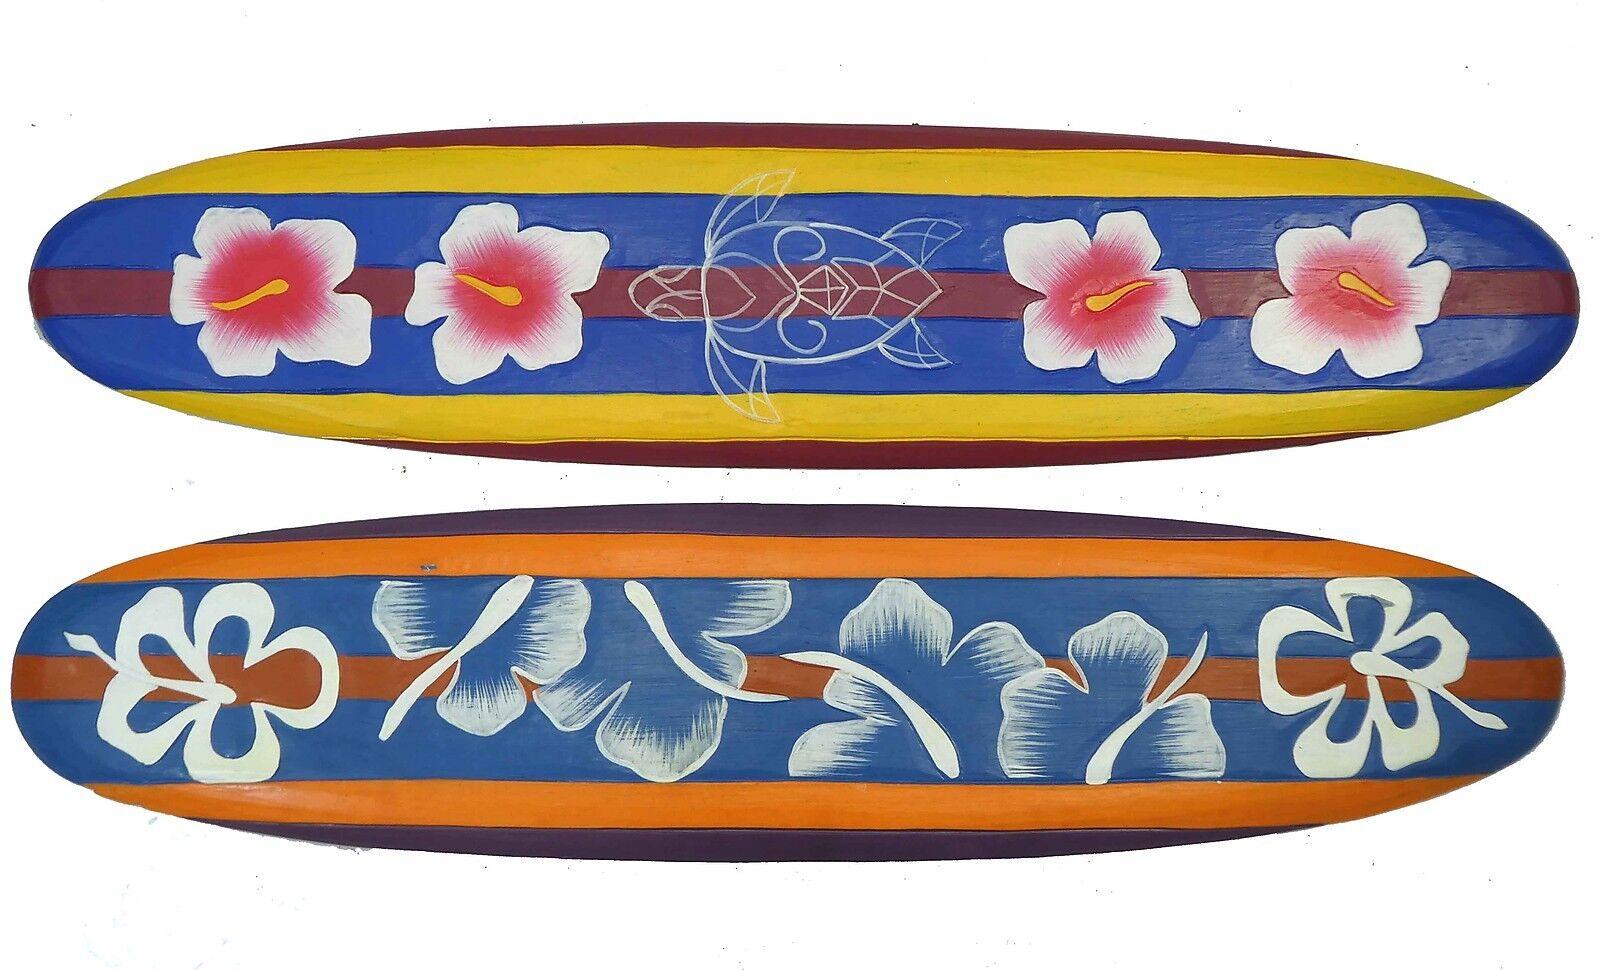 2 Deko Surfboards mit Blaumen und Schildkröte Motiv 100cm Karibik Südsee Look